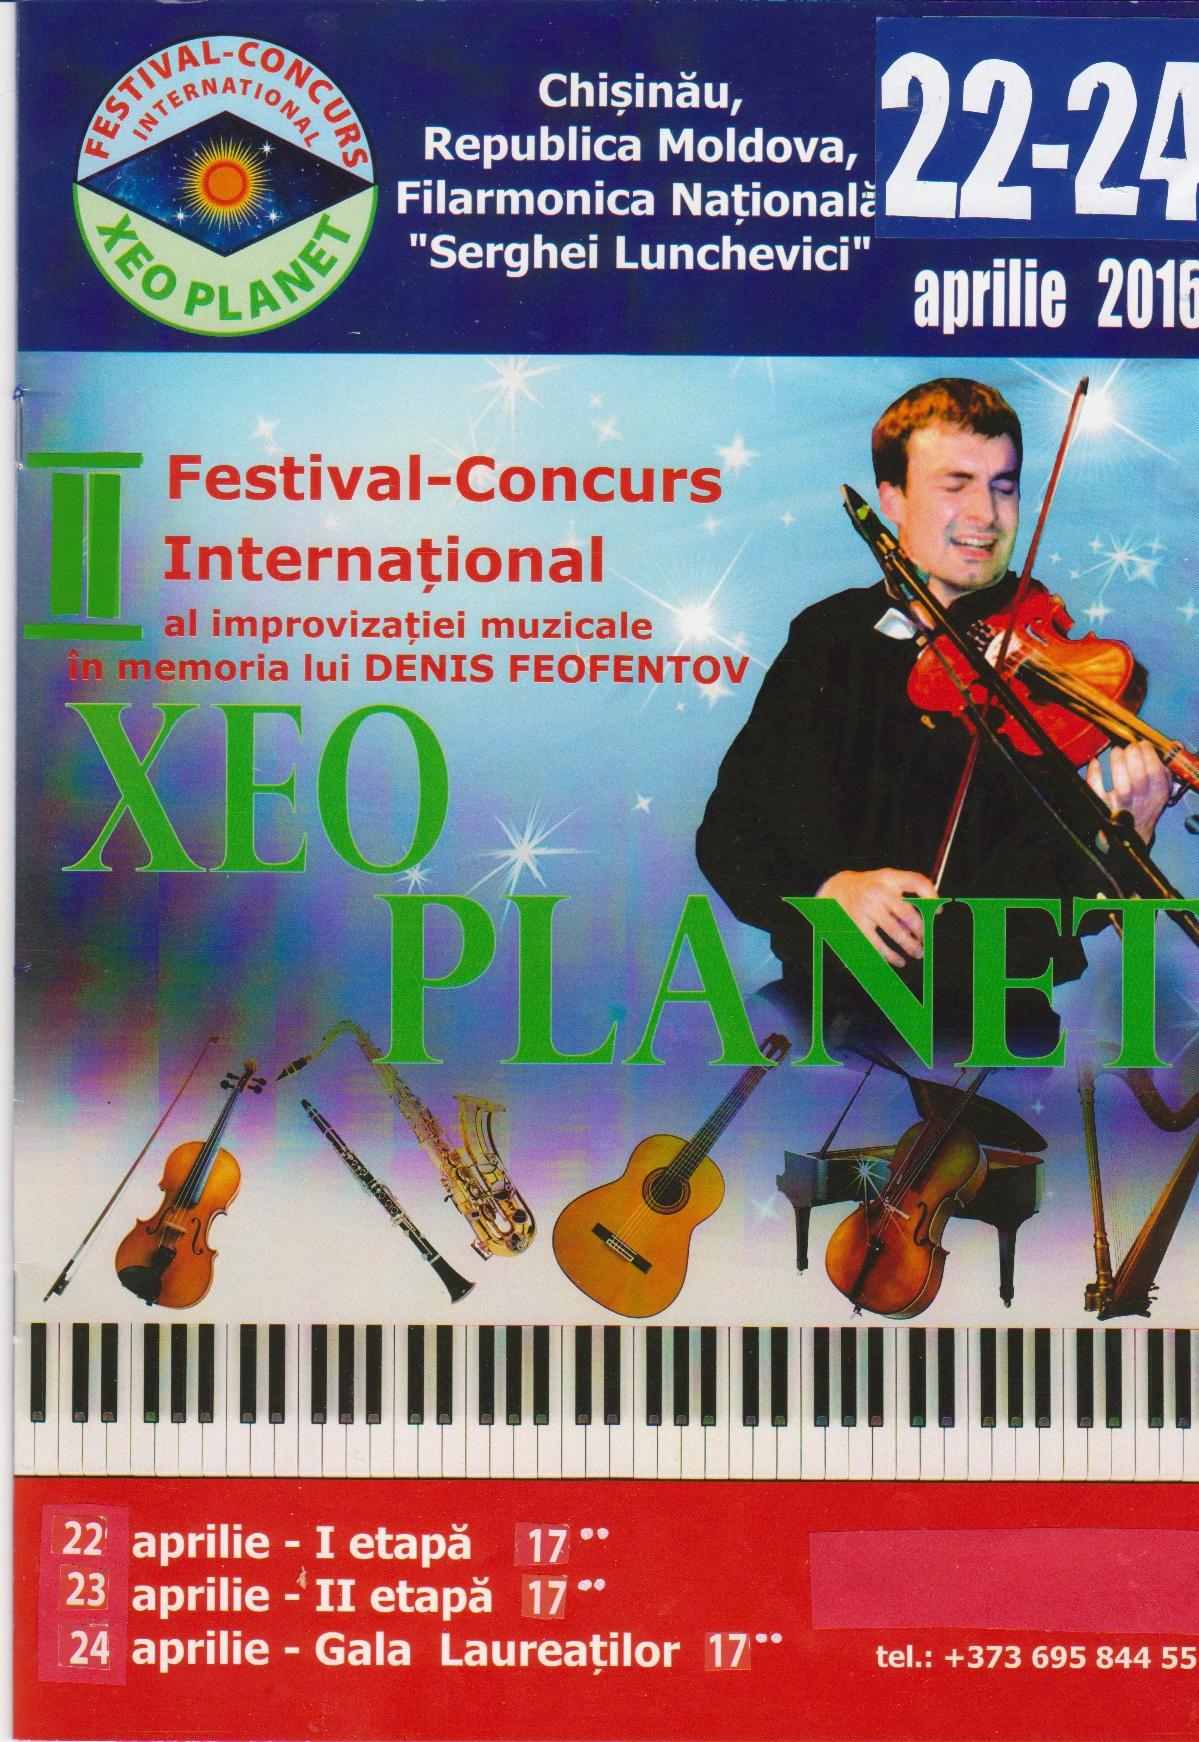 Второй международный фестиваль-конкурс музыкантов-импровизаторов Хeo-planet 2016